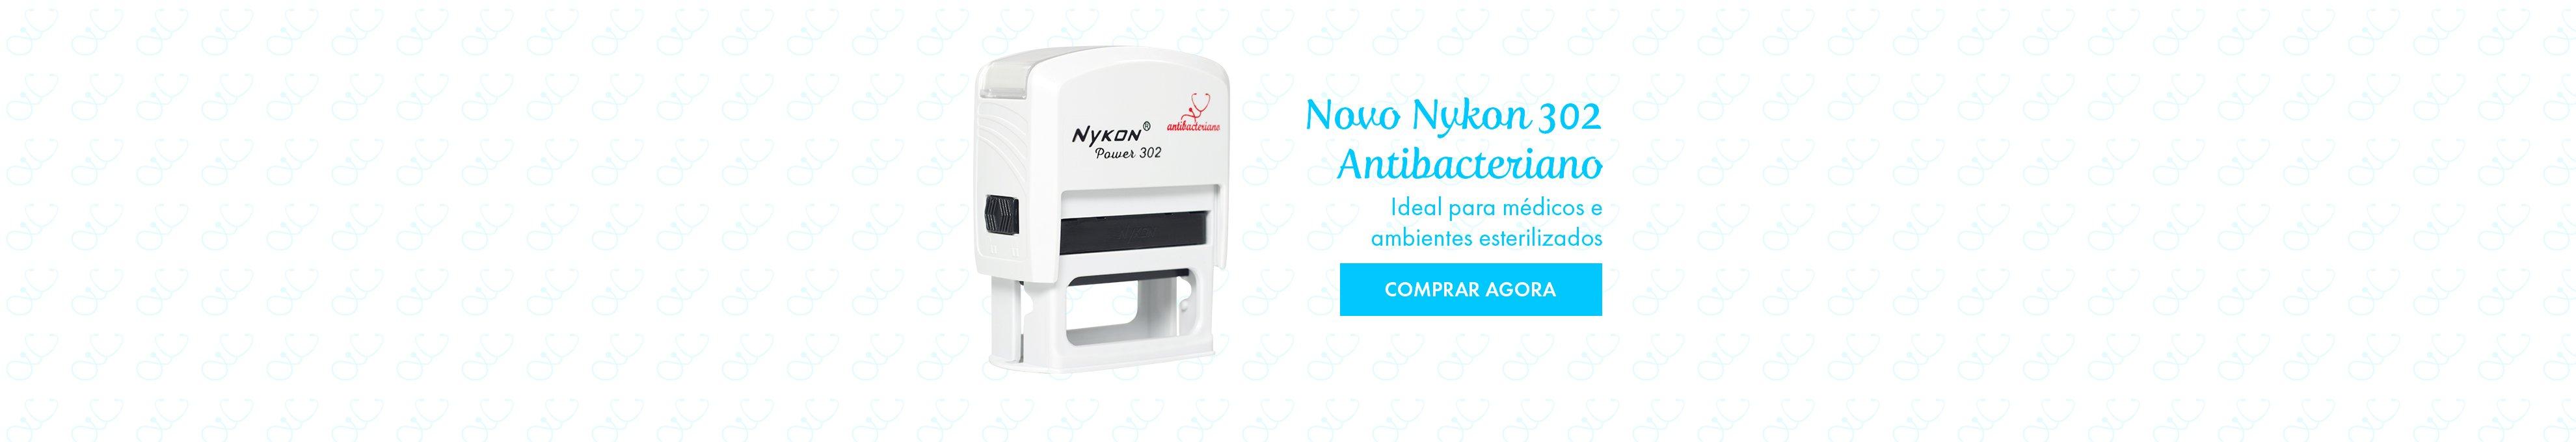 Nykon 302 Antibacteriano. Ideal para médicos e ambientes esterilizados.